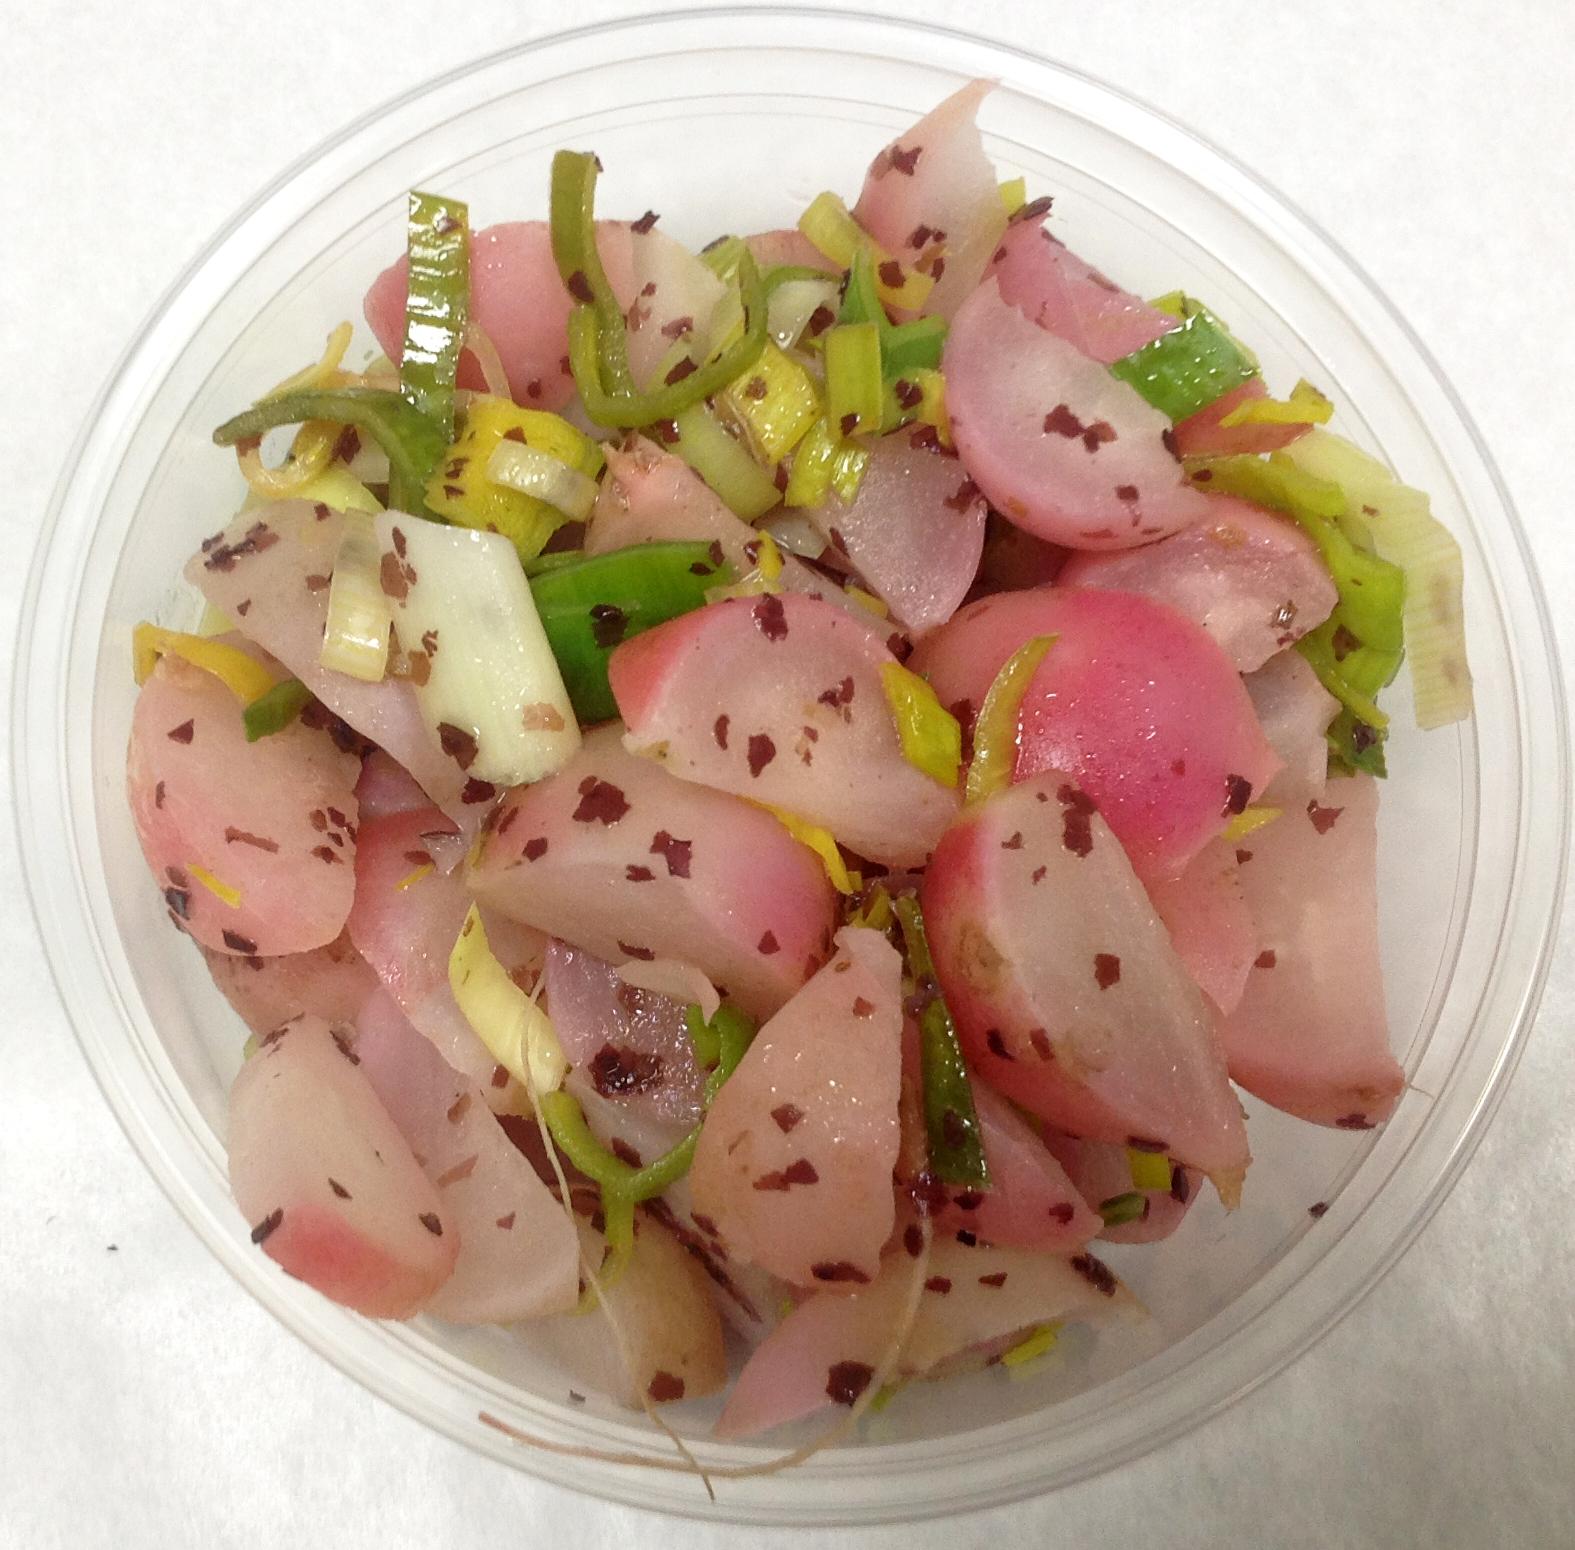 Rad_-leeks_-dulse-boiled-salad.jpg